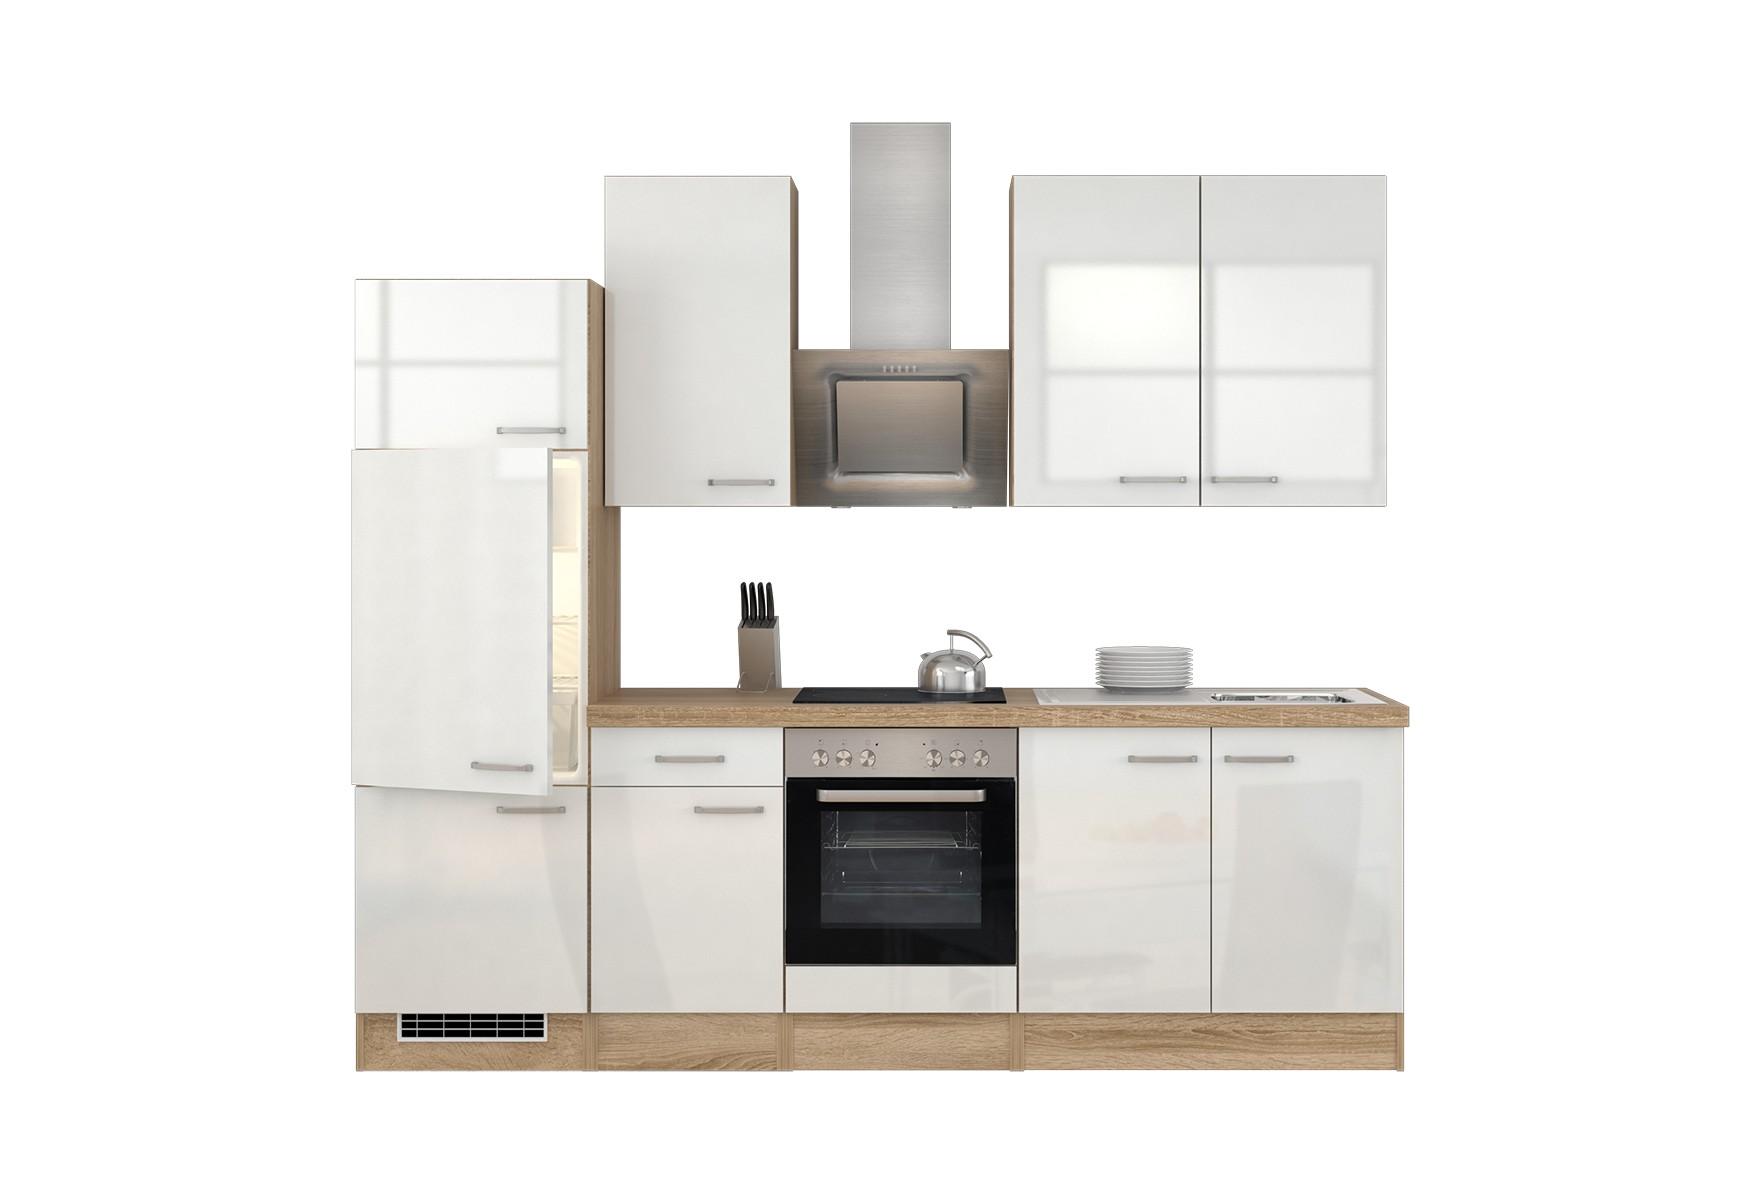 k chenzeile venedig k che mit e ger ten und est haube breite 270 cm wei k che k chenzeilen. Black Bedroom Furniture Sets. Home Design Ideas